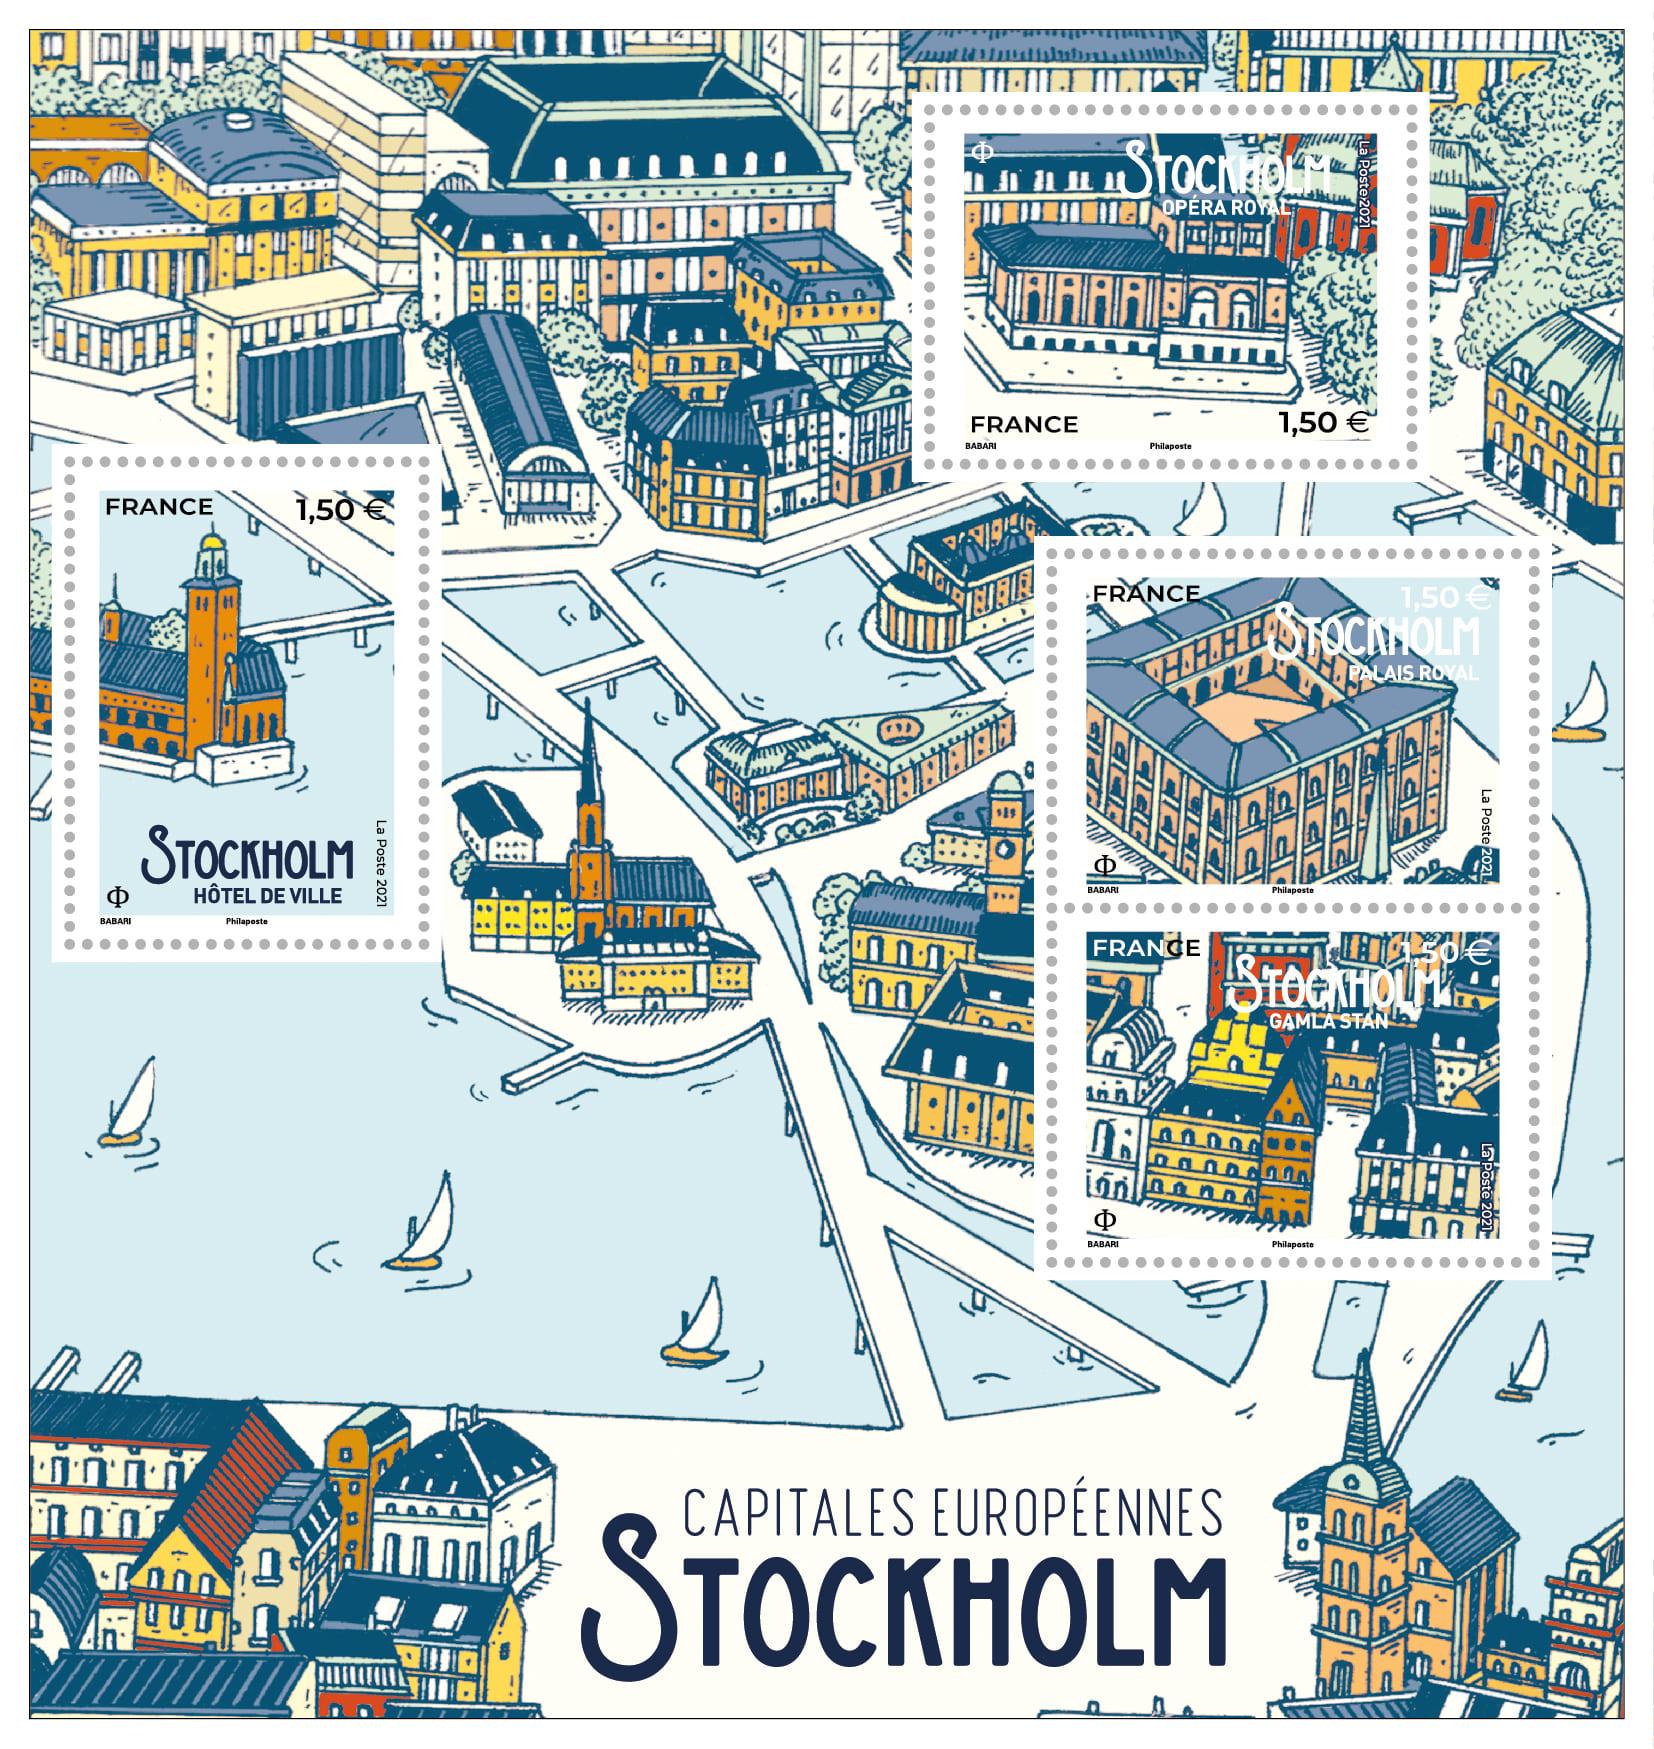 Capitales européennes - Stockholm